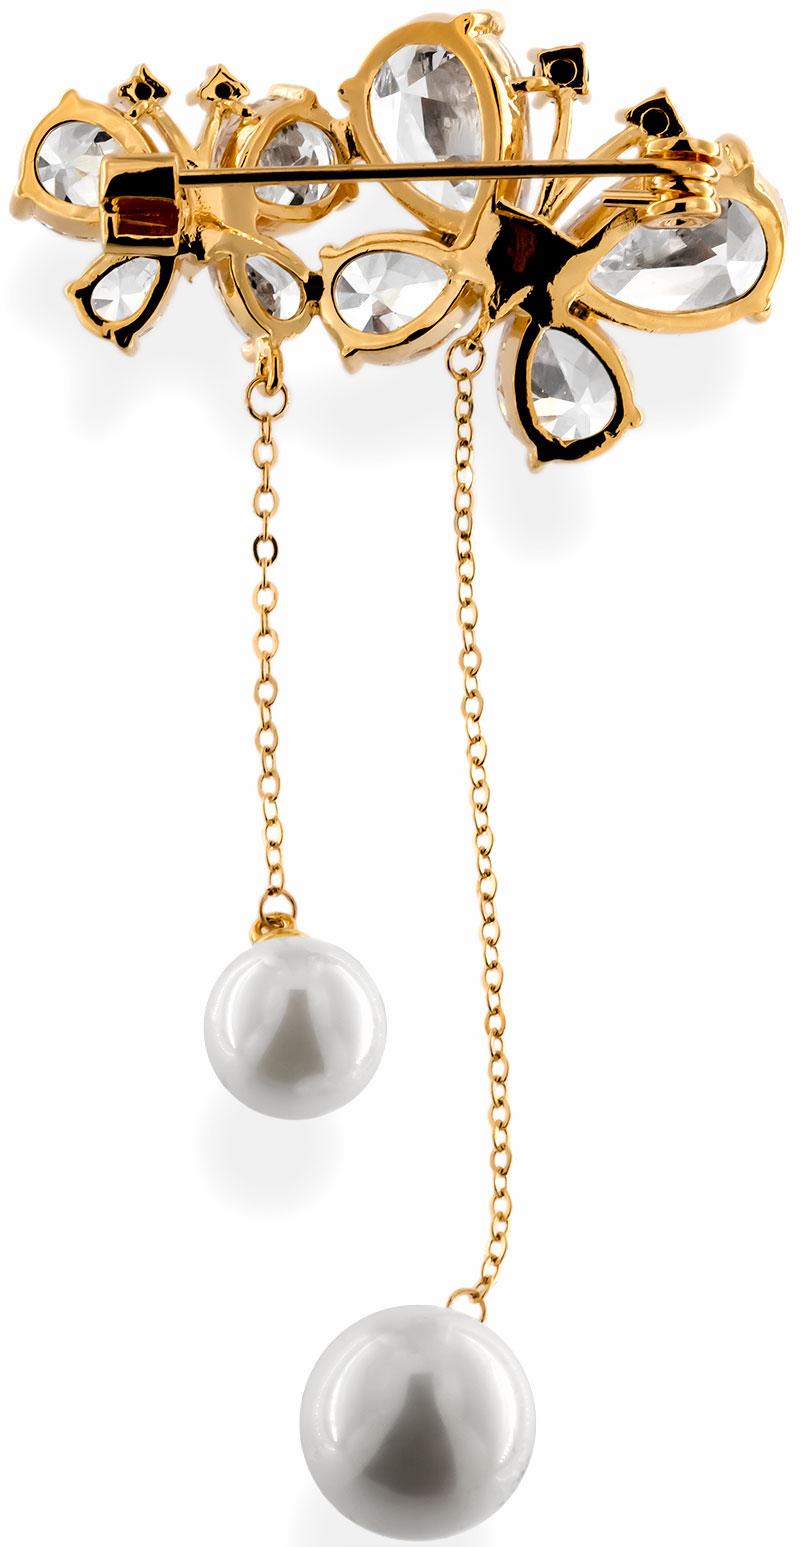 Brosche zweier Schmetterlinge goldfarben mit zwei Perlen, schwarzen und vielen weissen Strass Steinen BR013 unten